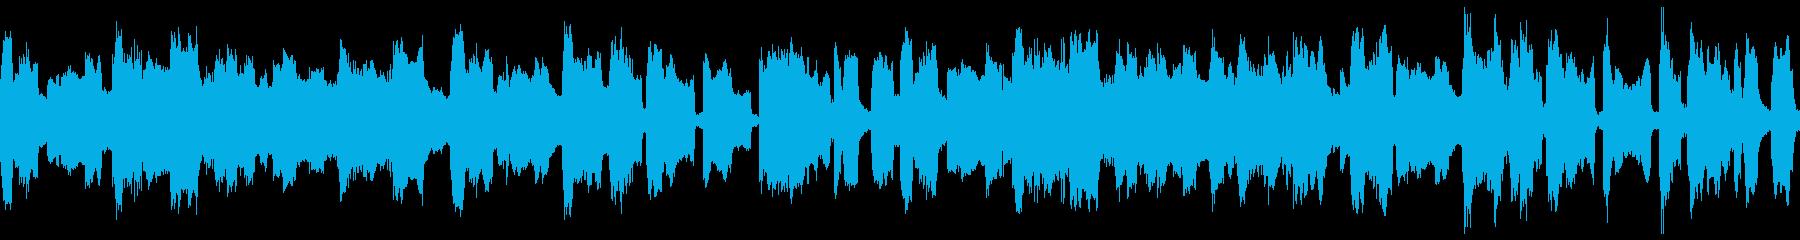 のんびり・のん気なペット、赤ちゃんBGMの再生済みの波形